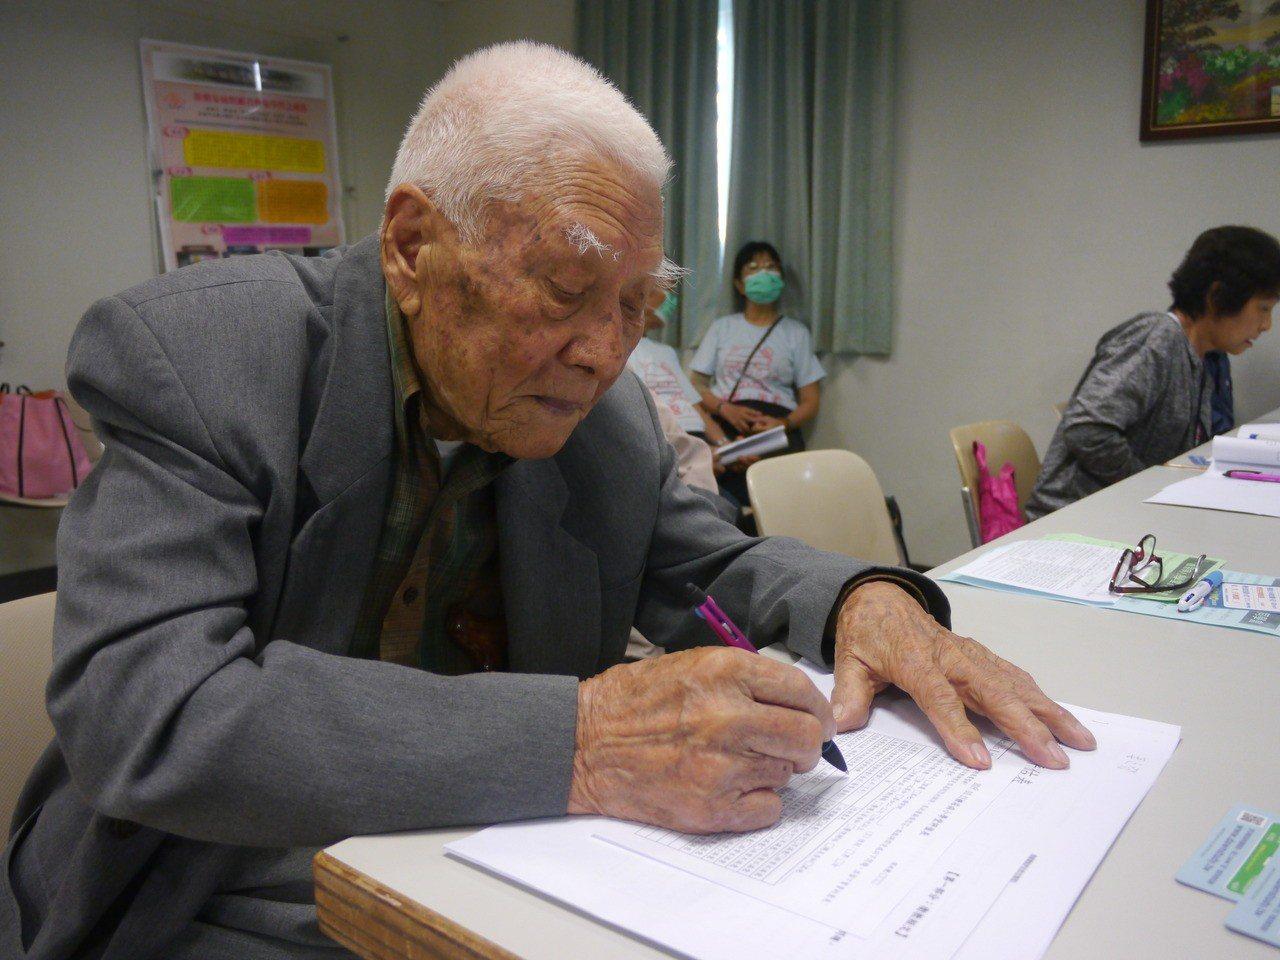 百歲榮民姜之發參加小學堂課程,上課時神情認真。記者徐白櫻/攝影